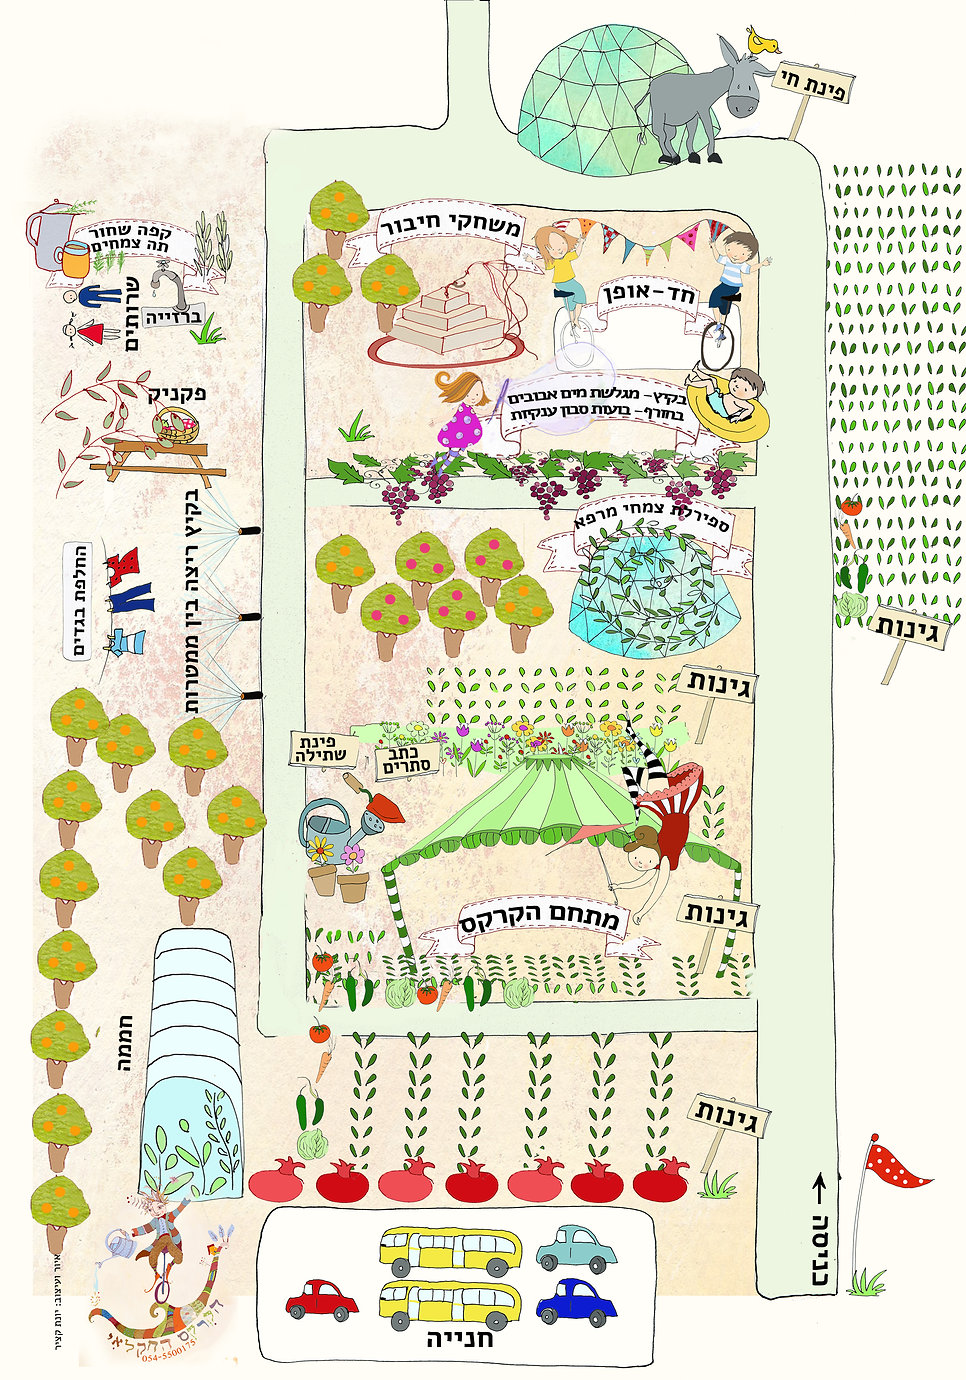 מפה ש הקרקס החקלאי אטרקציות ופעילויות לילדים ולכל המשפחה בצפון